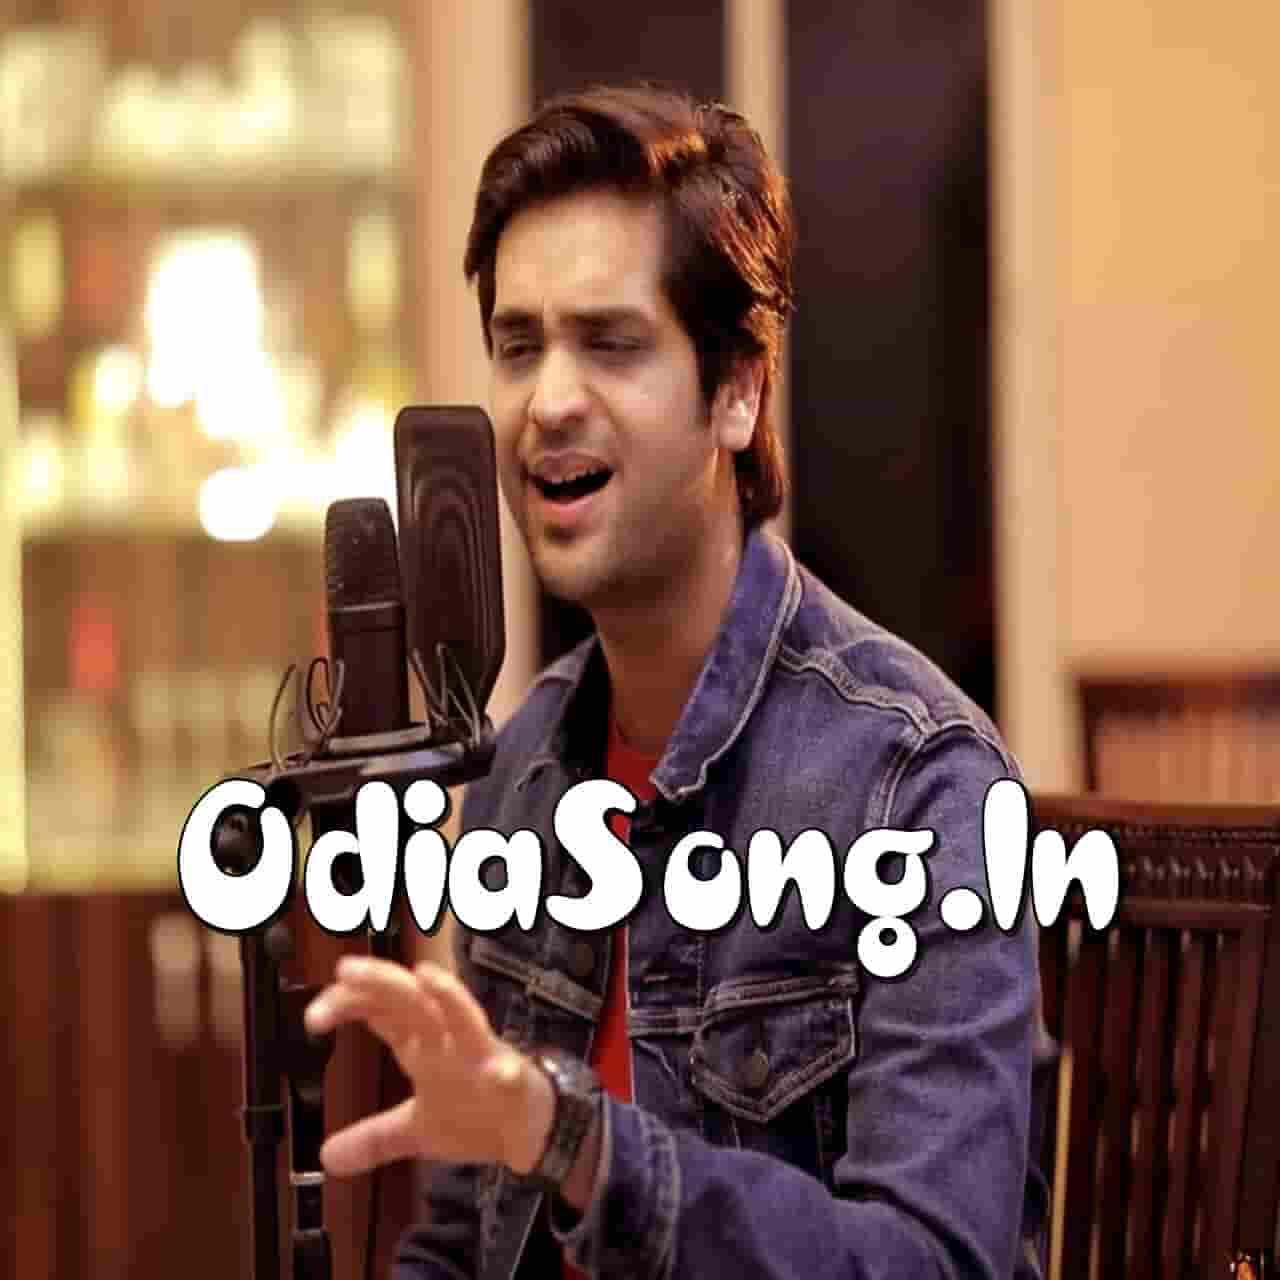 Gustakhiyaan - Odia Romantic Song (Swayam Padhi)